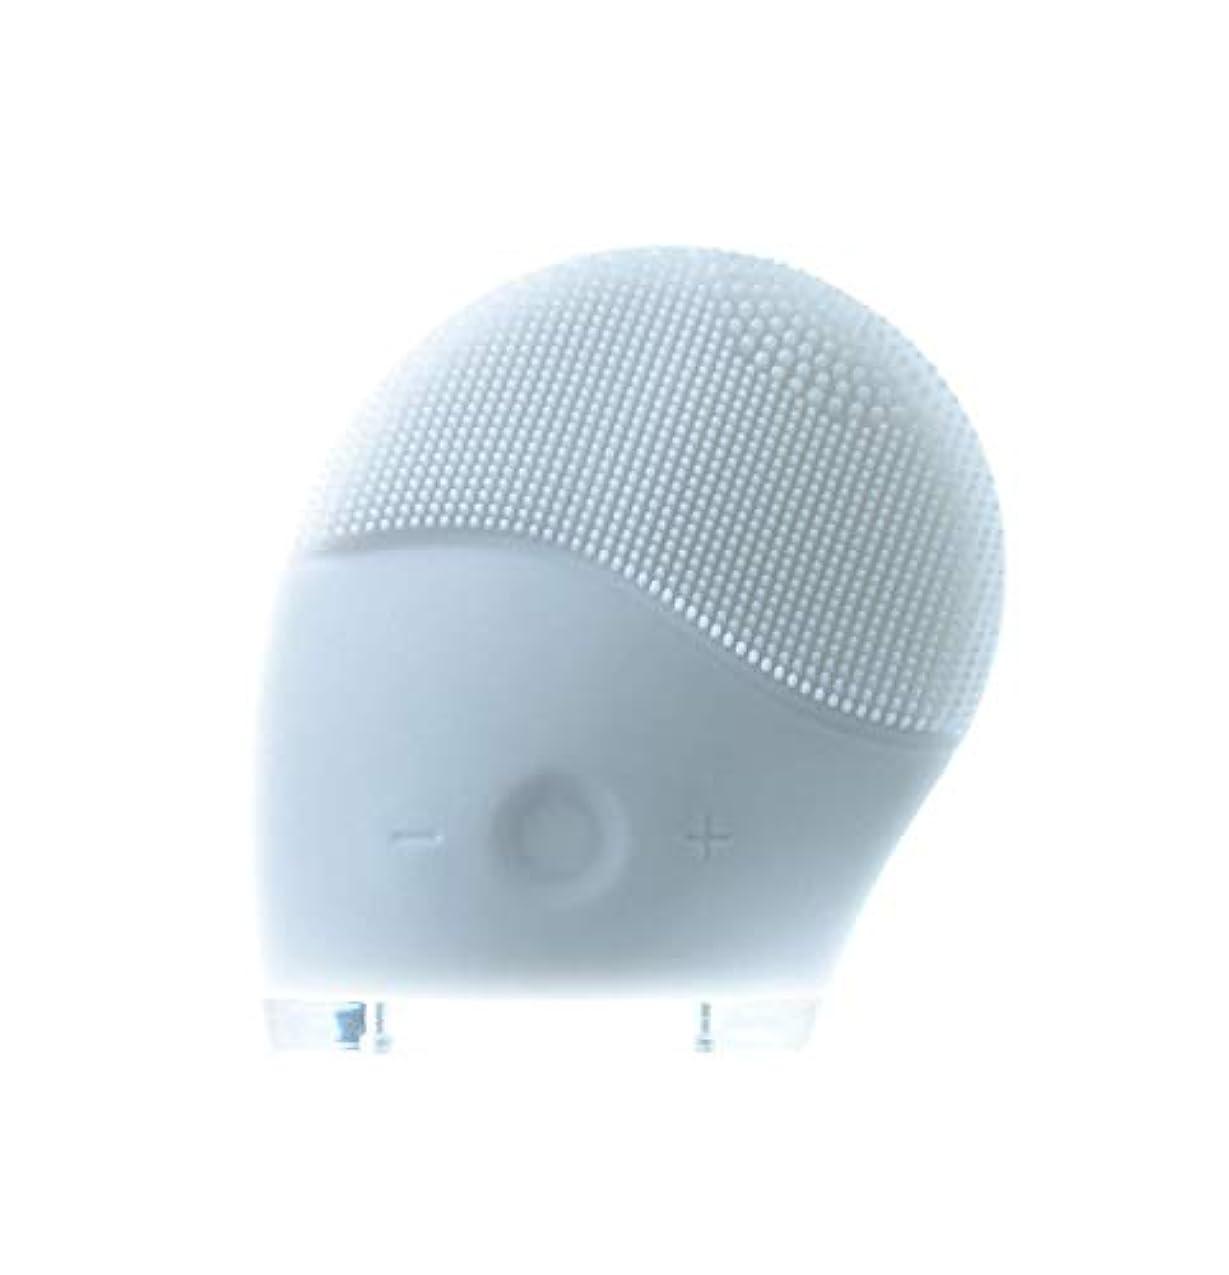 陰気洞窟パン屋お風呂で美顔 洗顔 シリコンフェイスケア SCULD スクルド HC-141 ホワイト